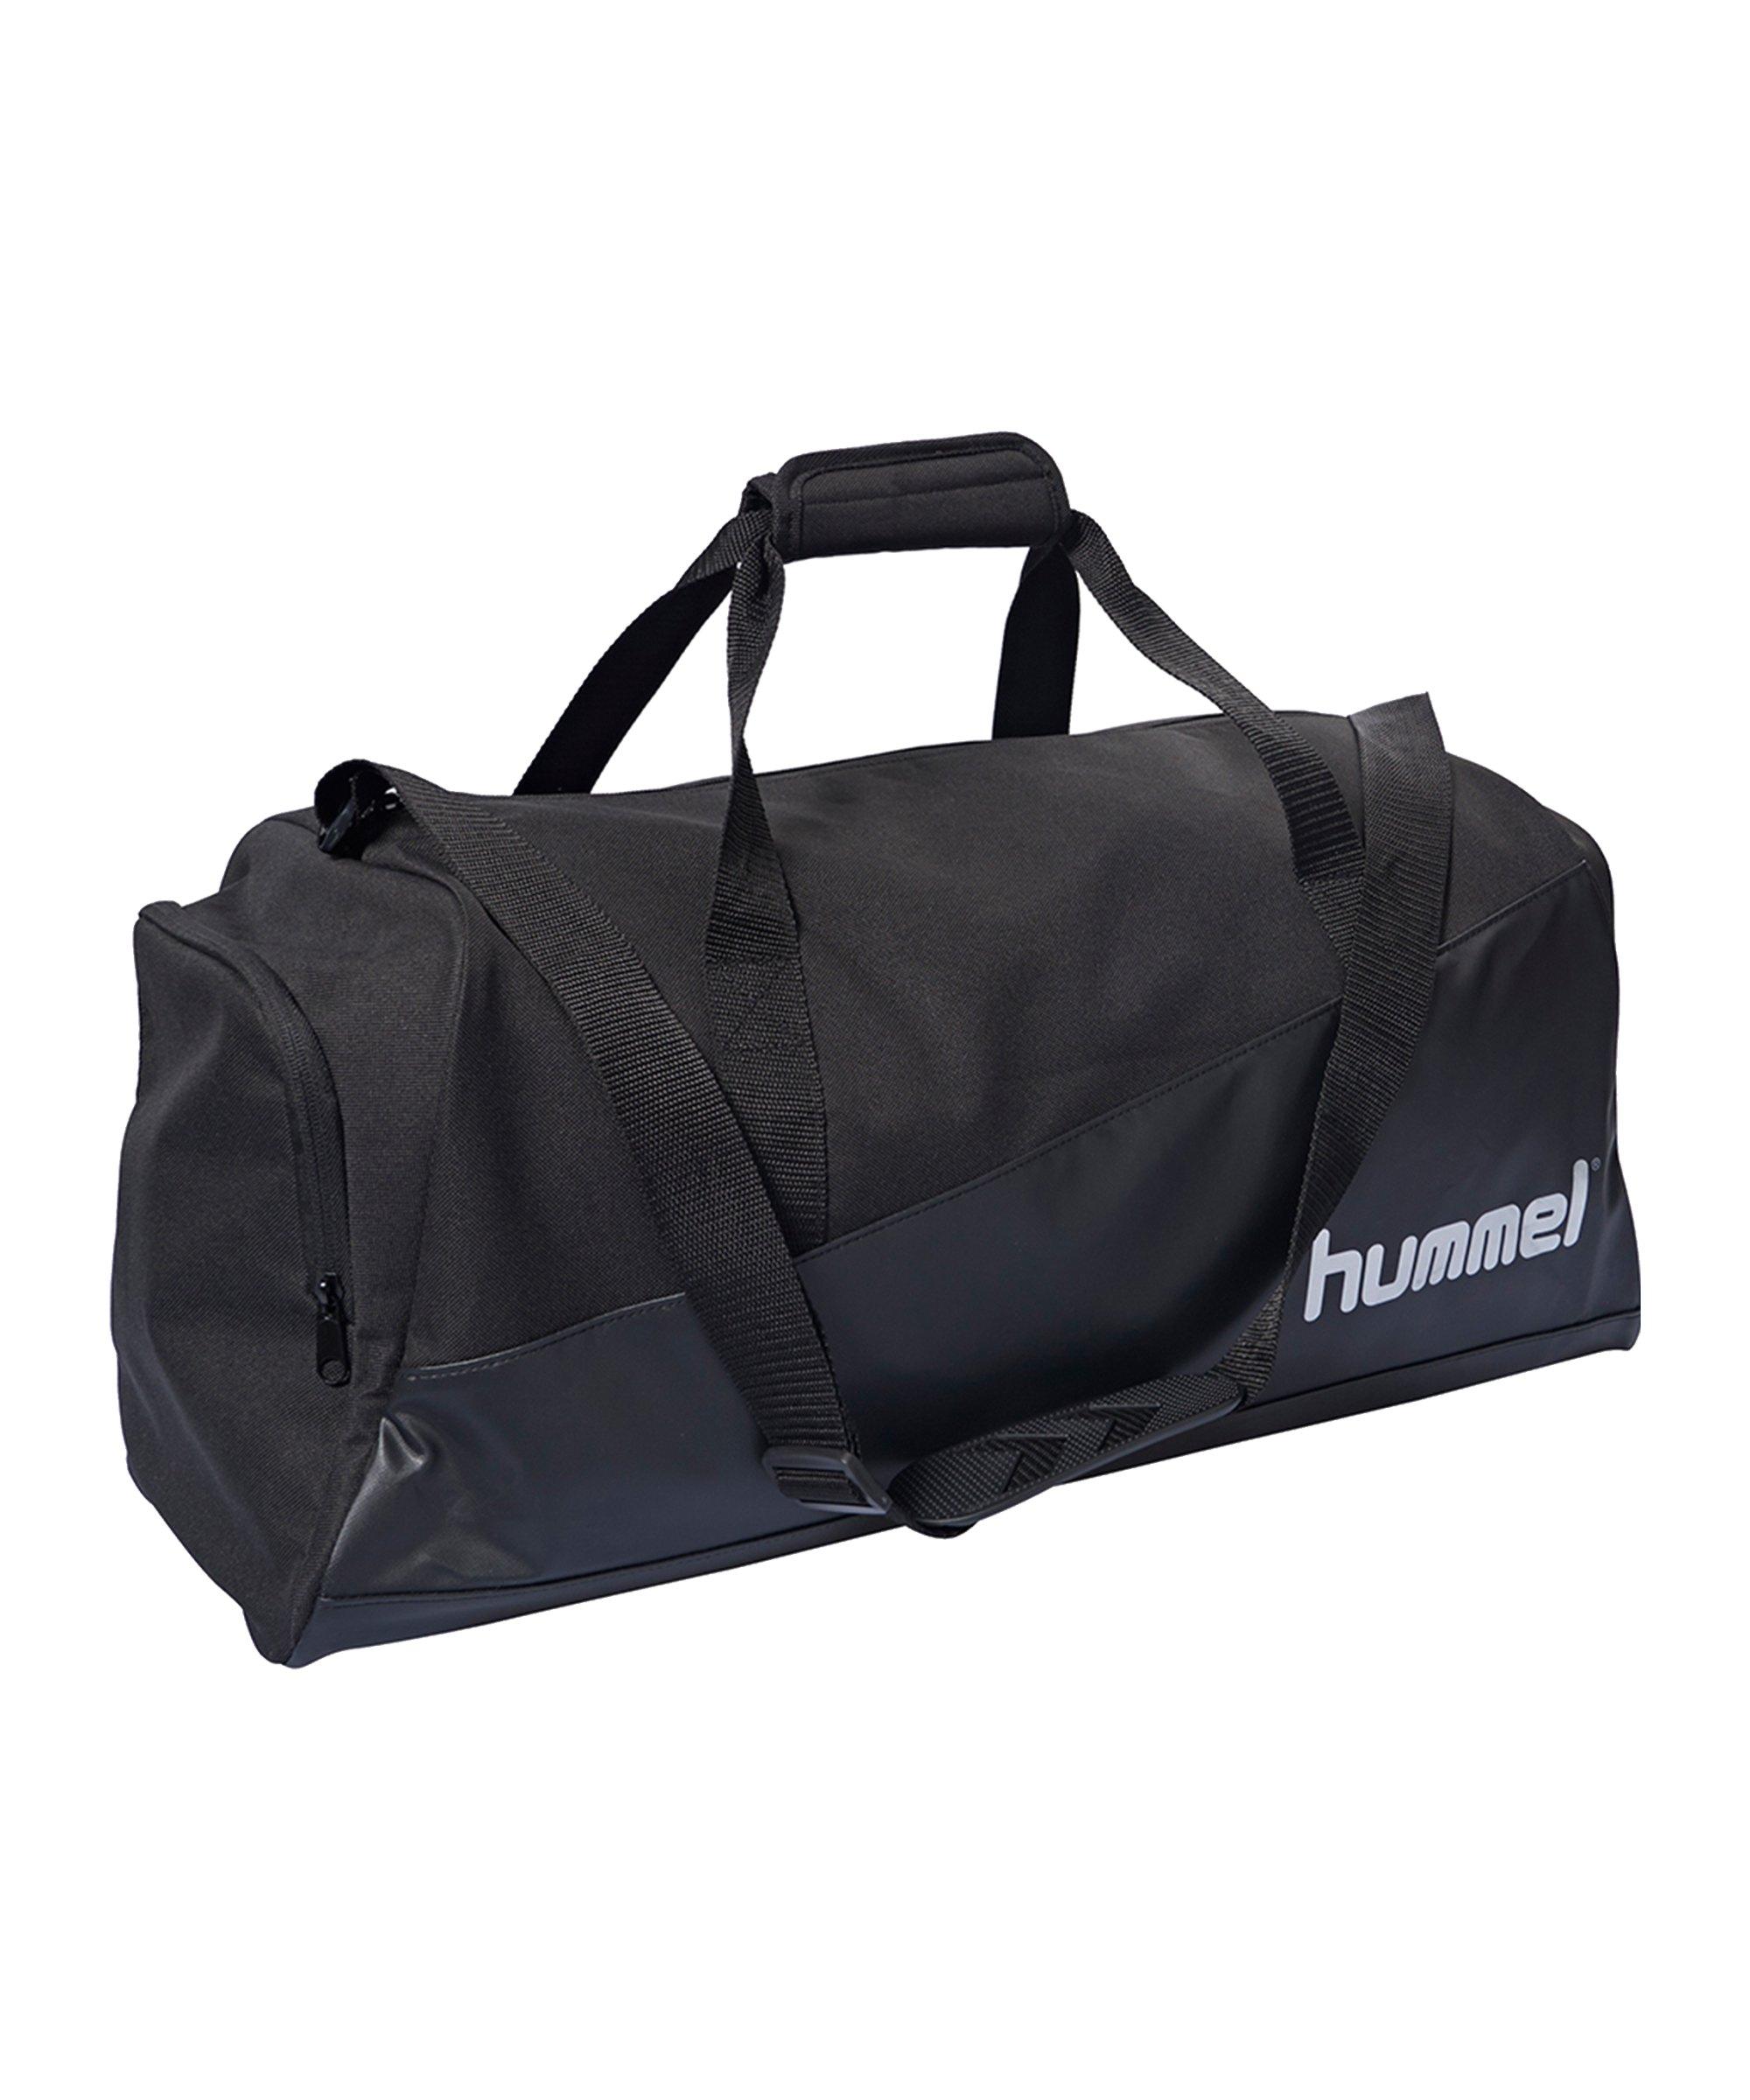 Hummel Authentic Charge S Sporttasche F2001 - schwarz